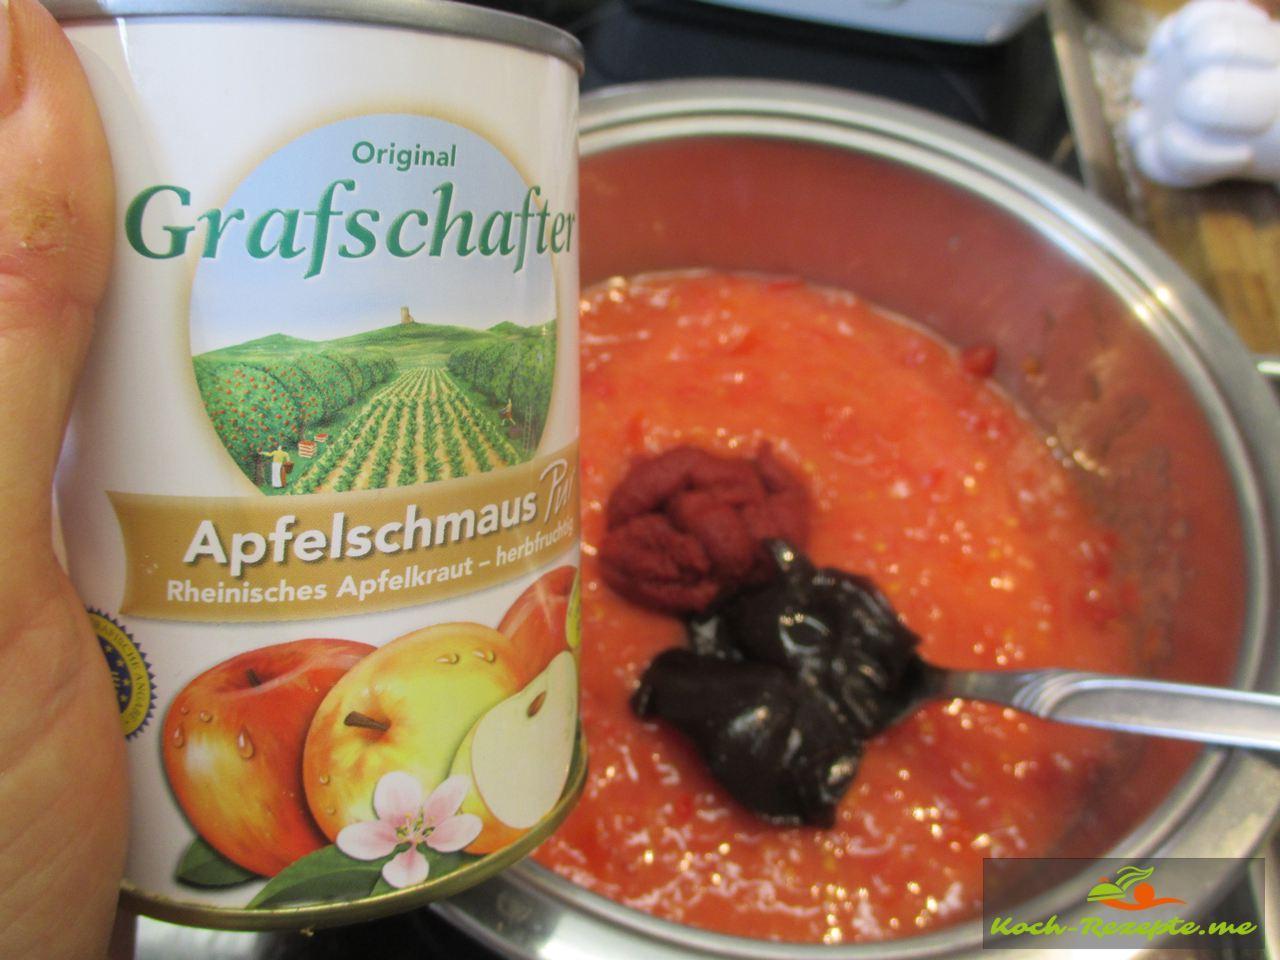 Mit Apfelschmaus von Grafschafter für die Tomatenmarmelade